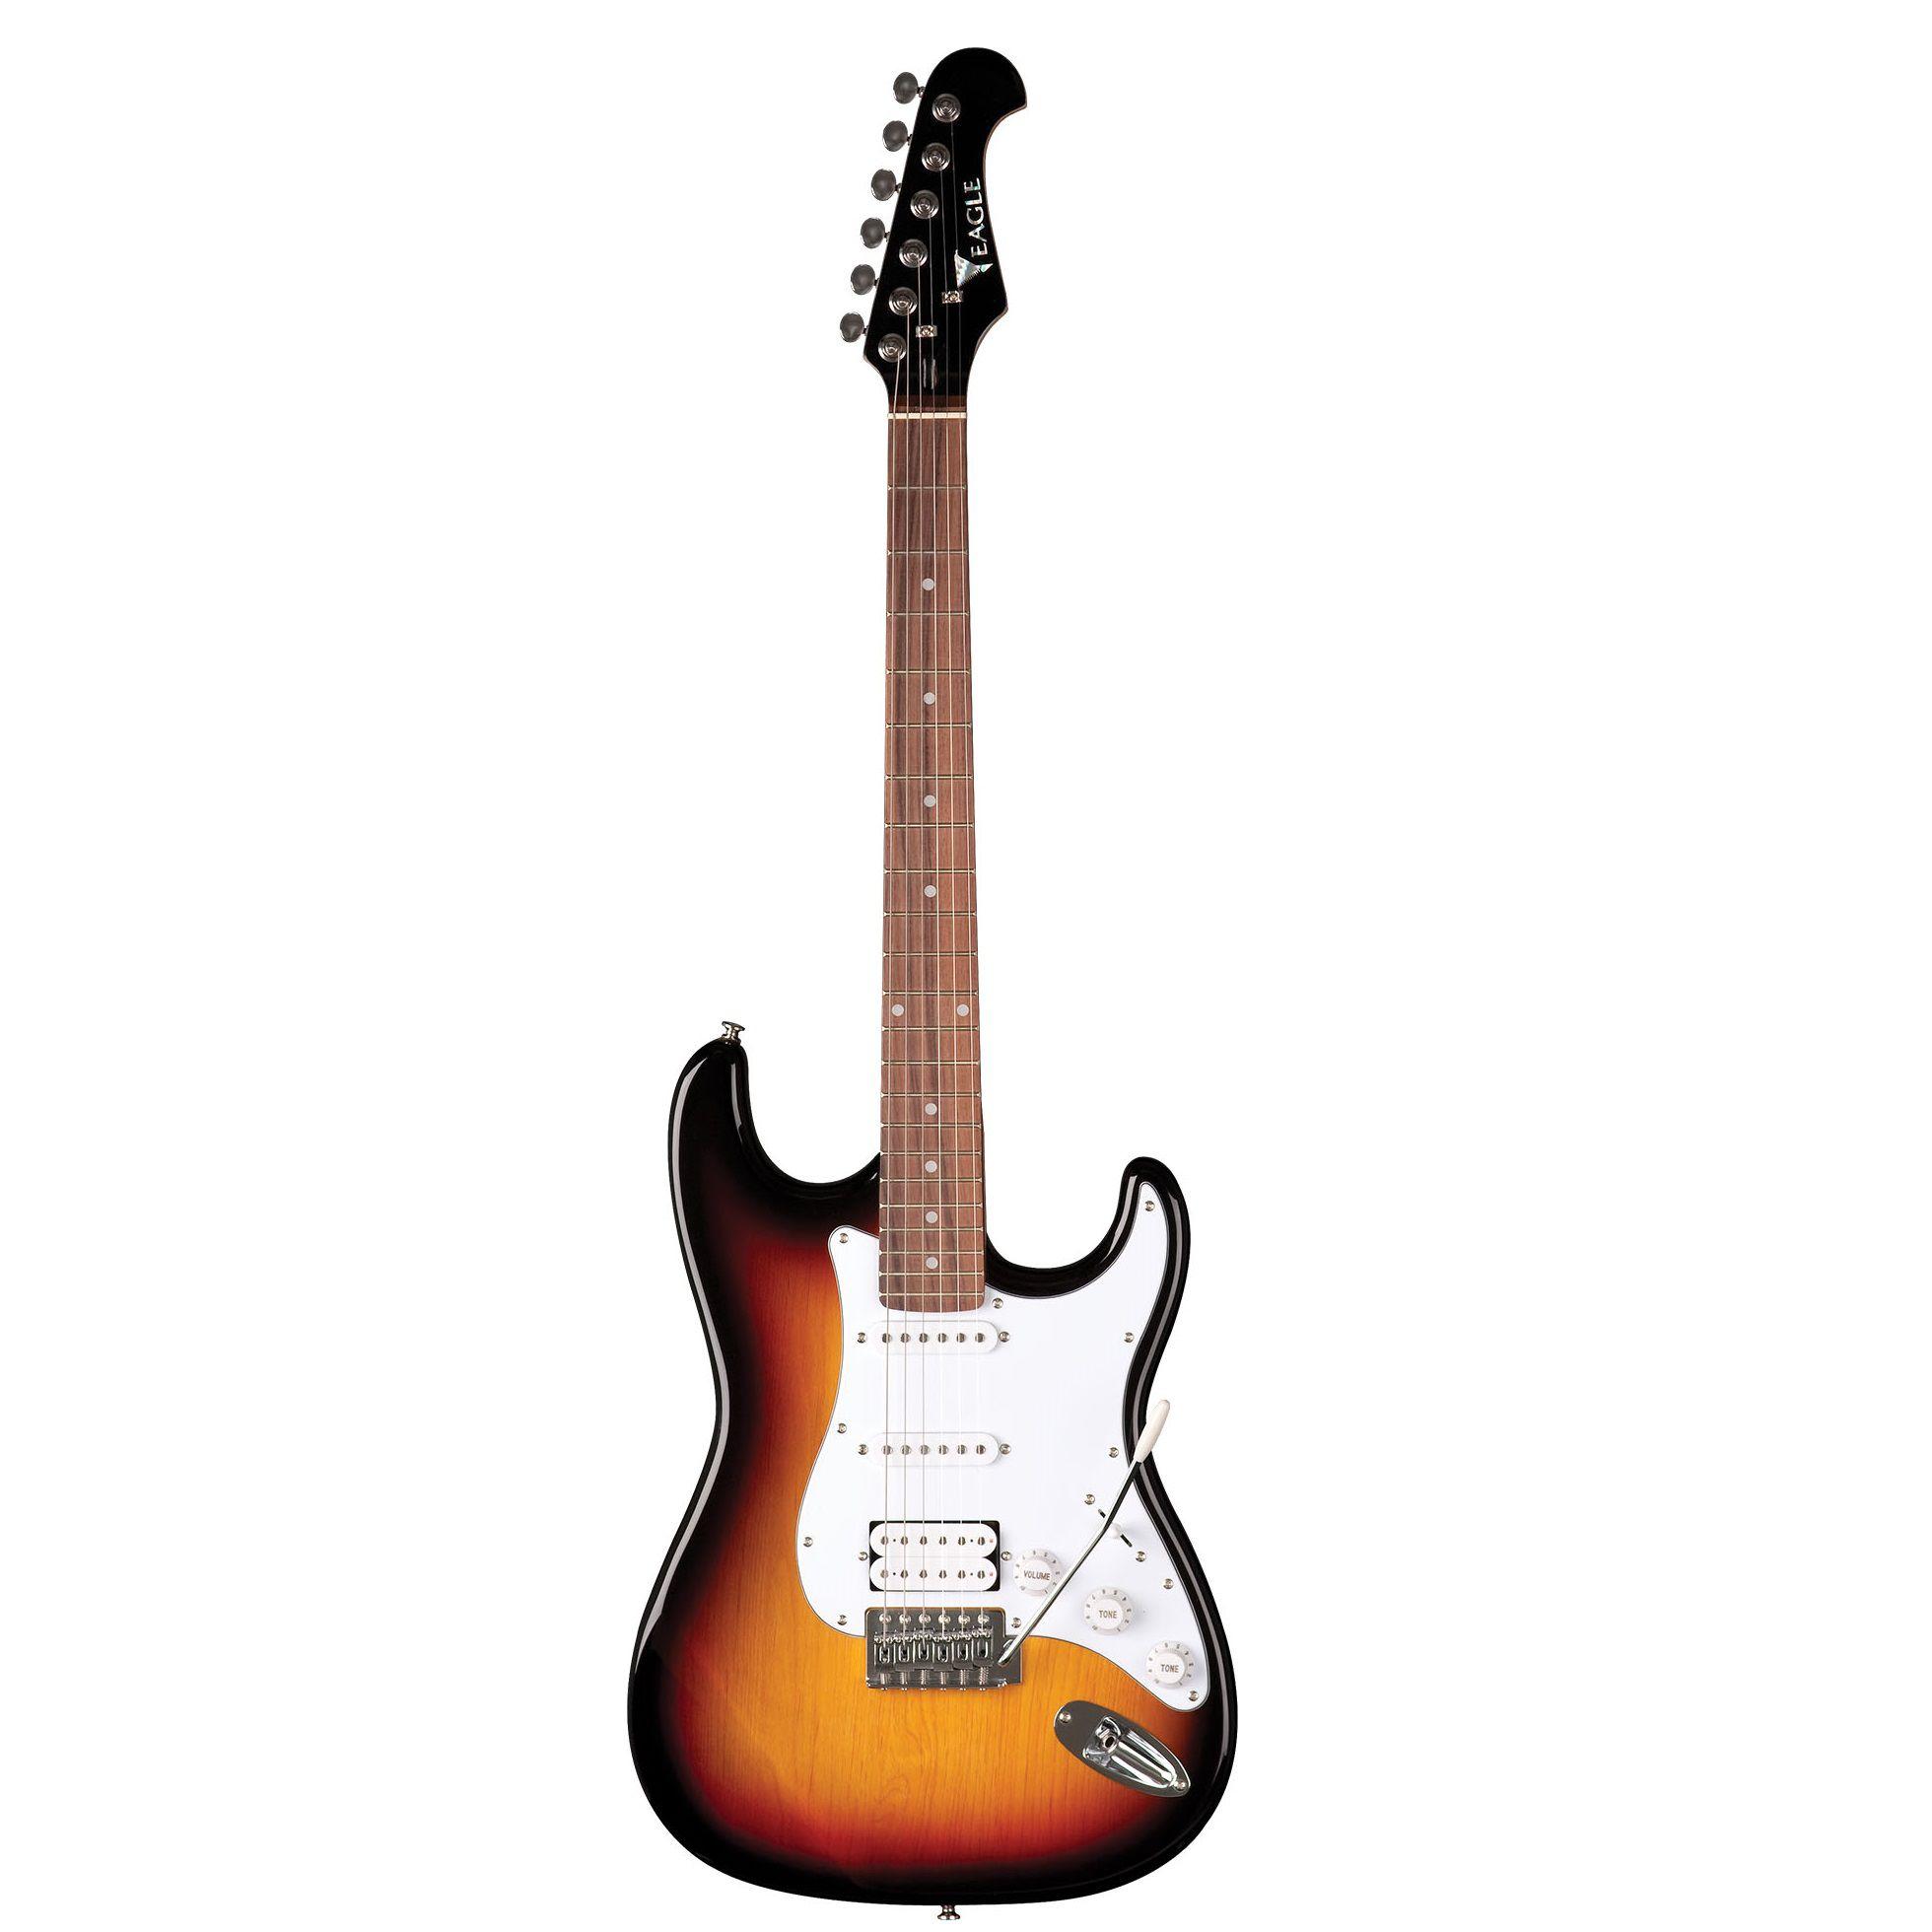 Guitarra Eagle Strato Sts002 Sb